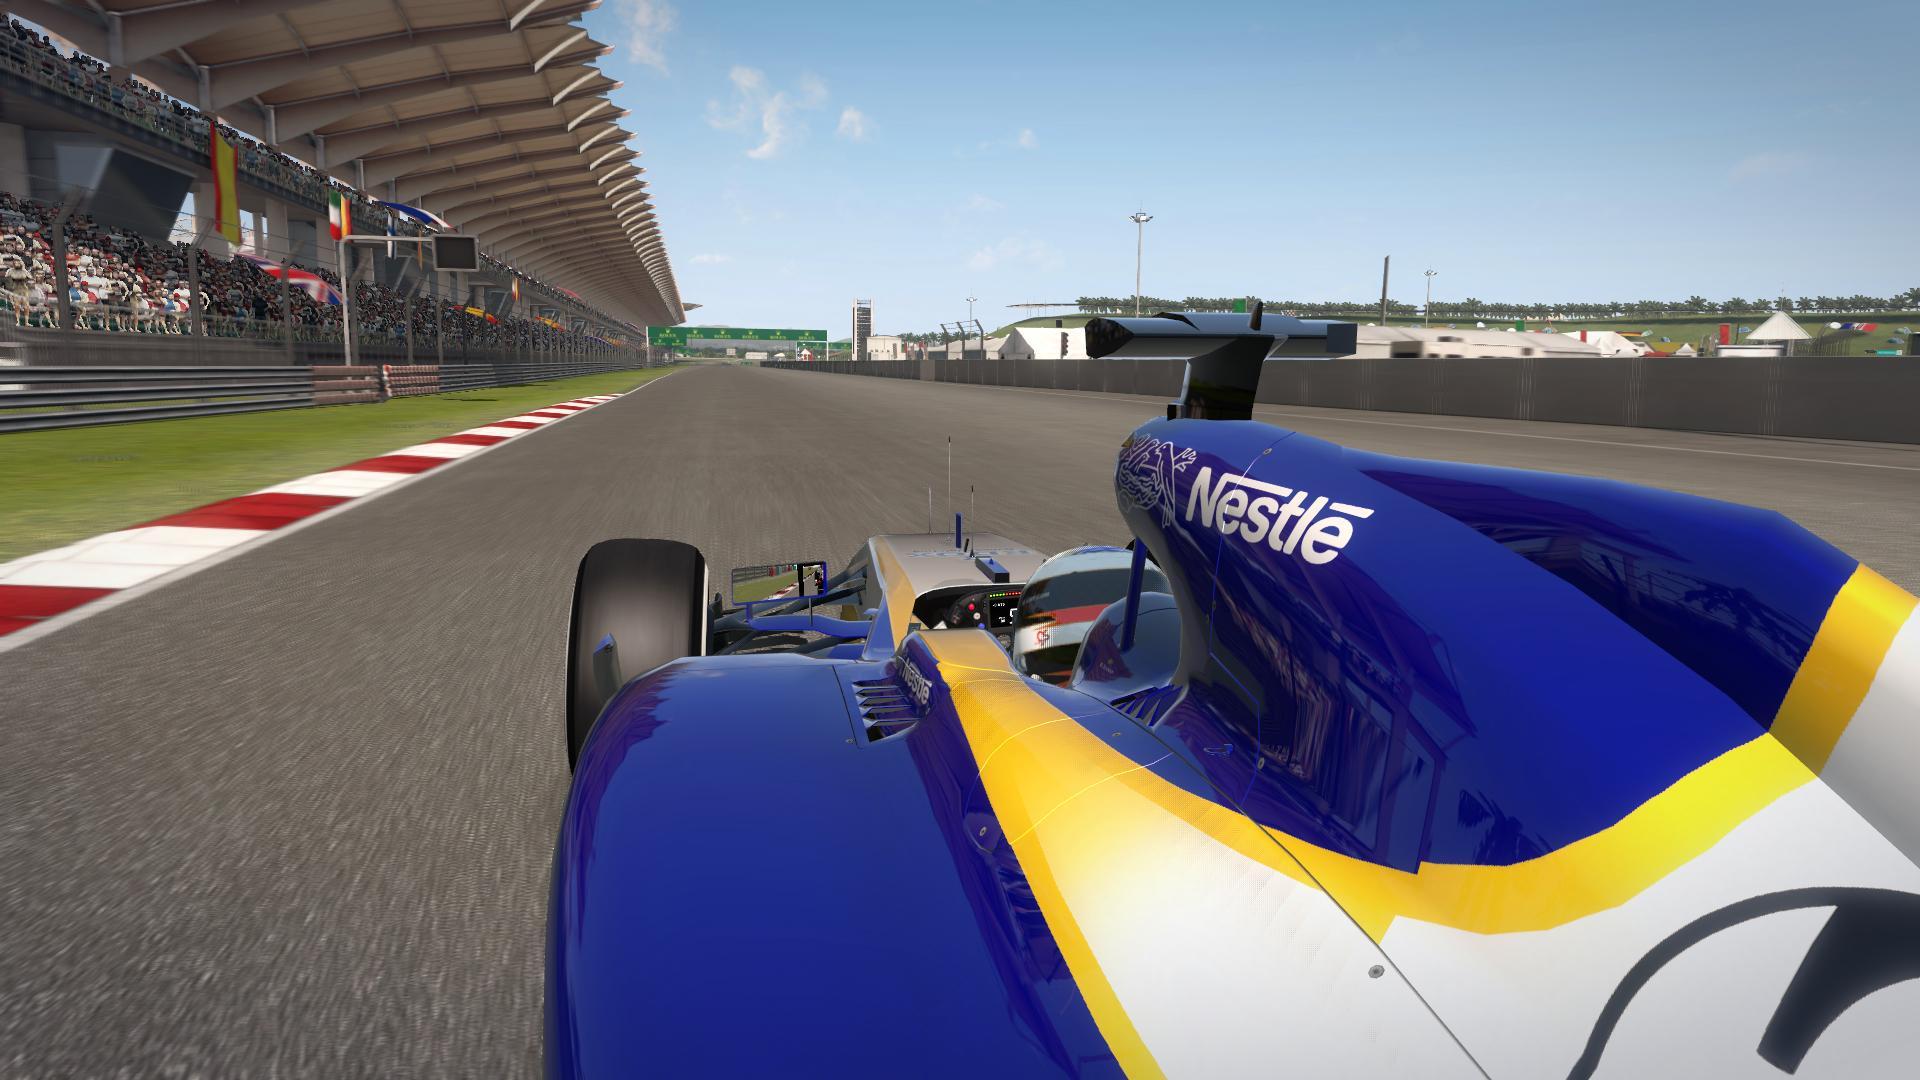 F1_2014 2017-03-18 16-04-40-12.jpg